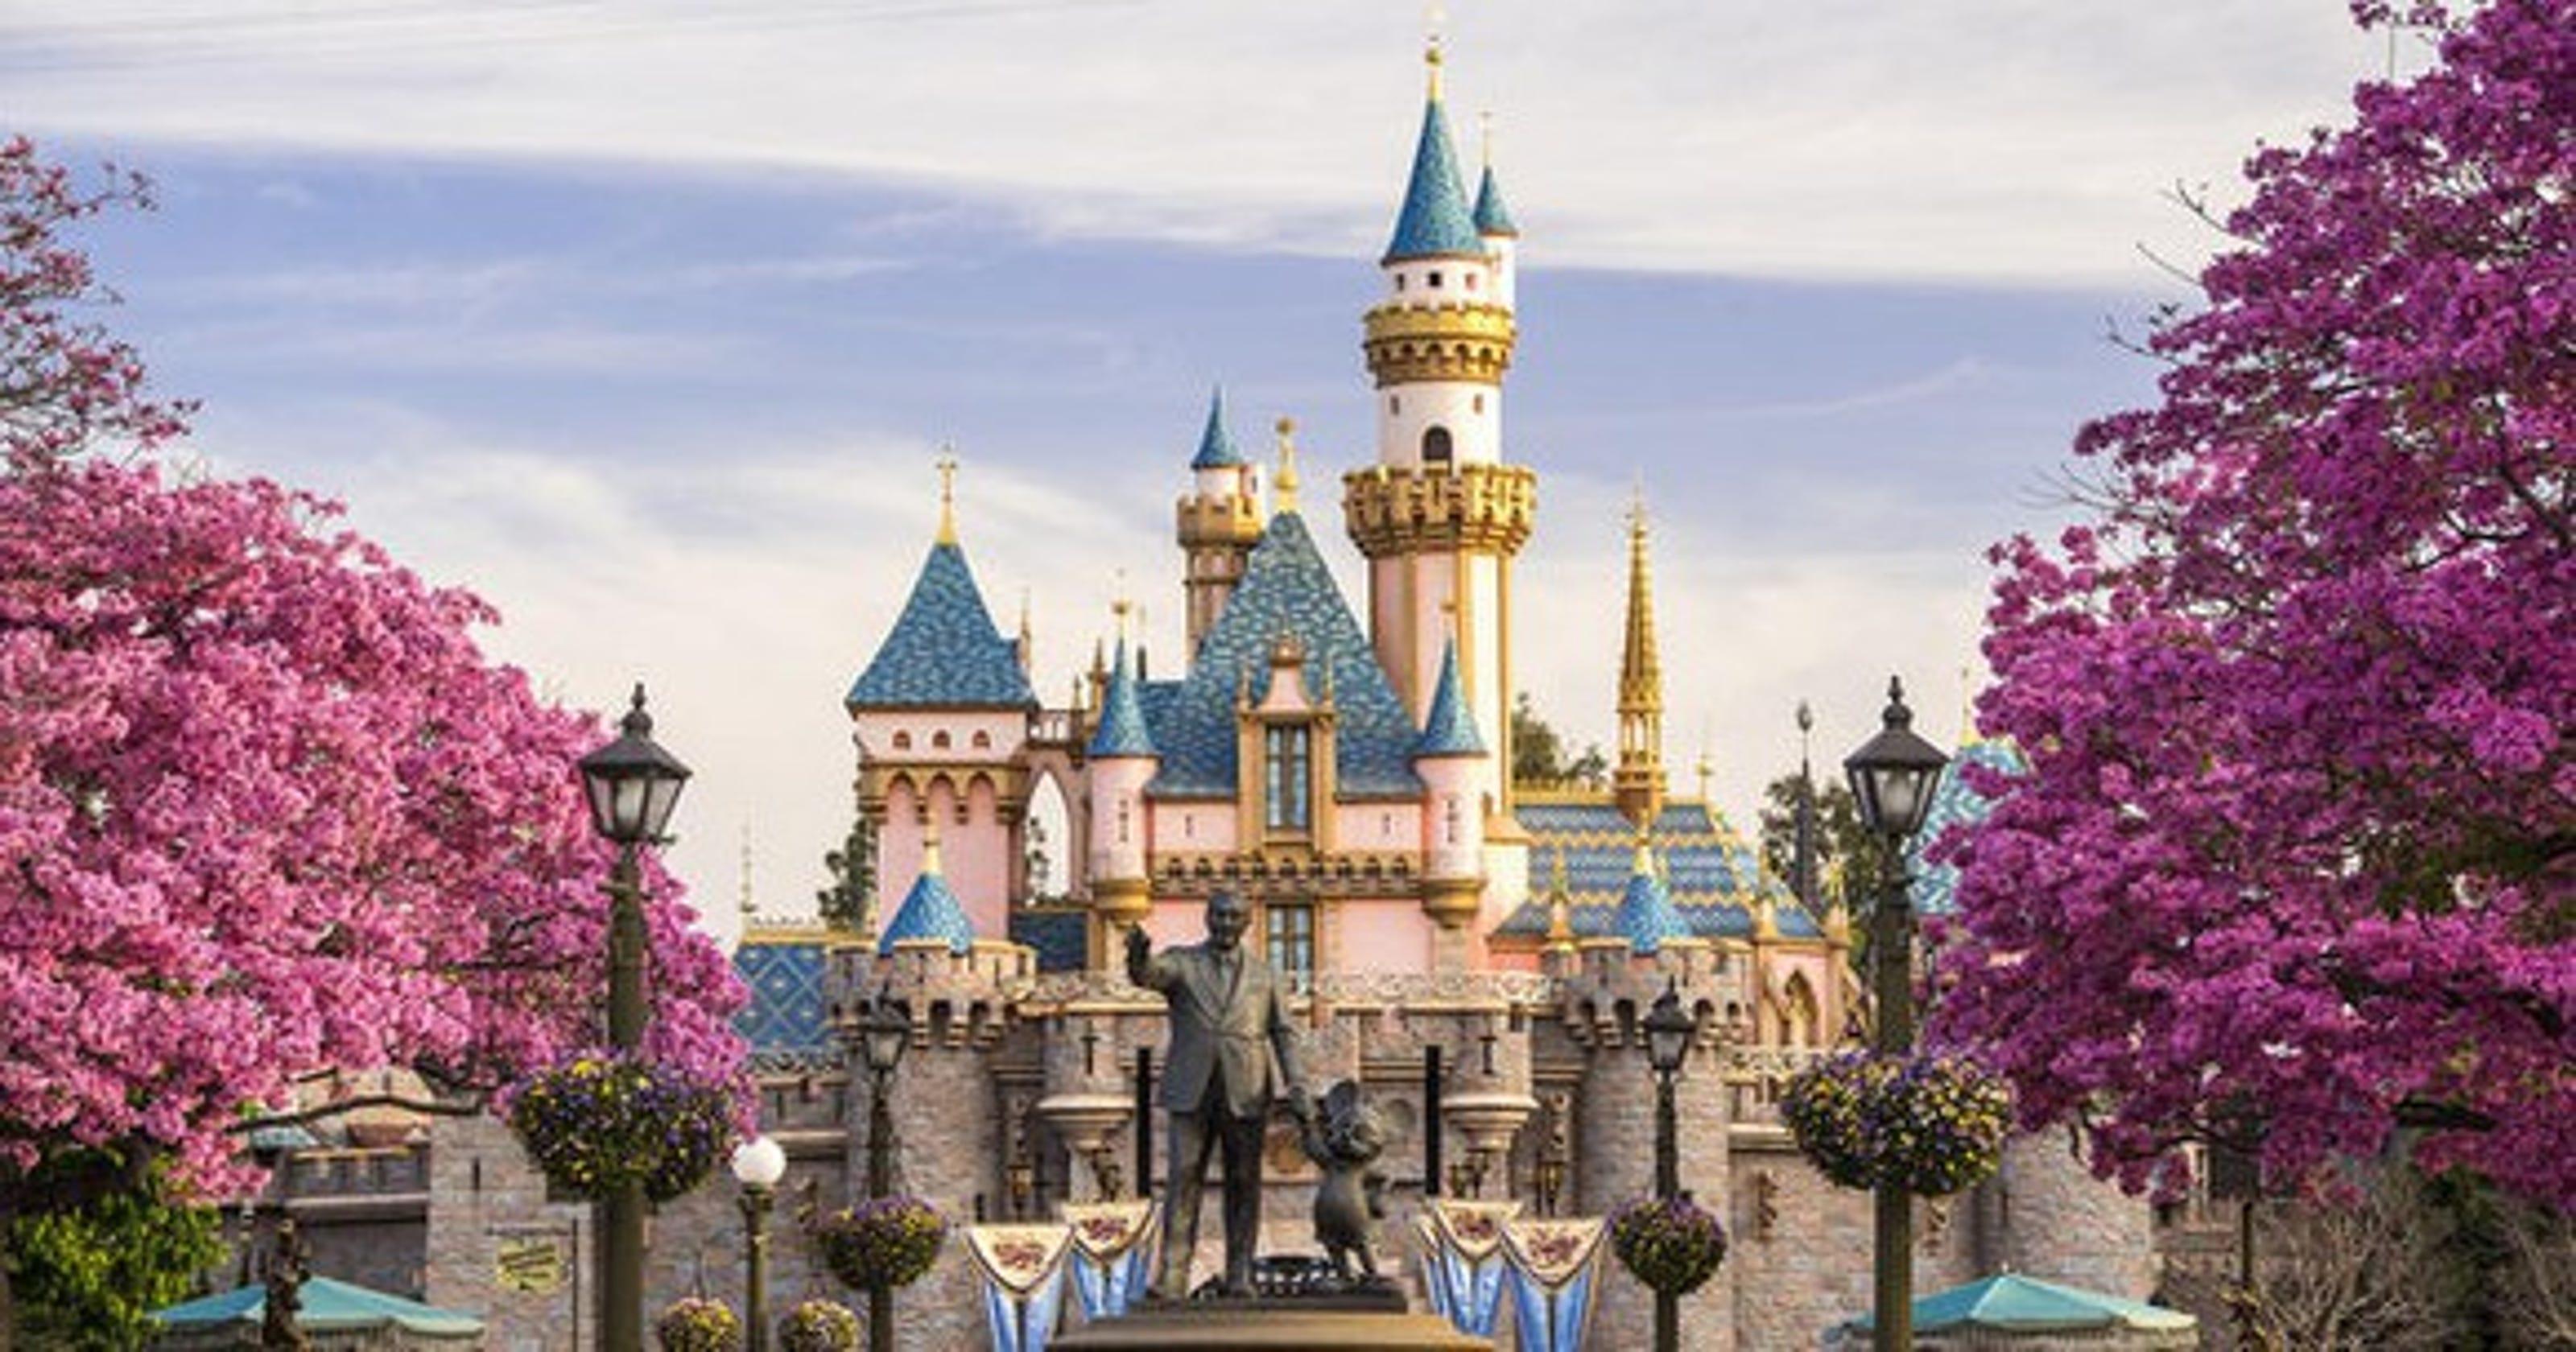 7 tricks to saving money at Disneyland — no magic required